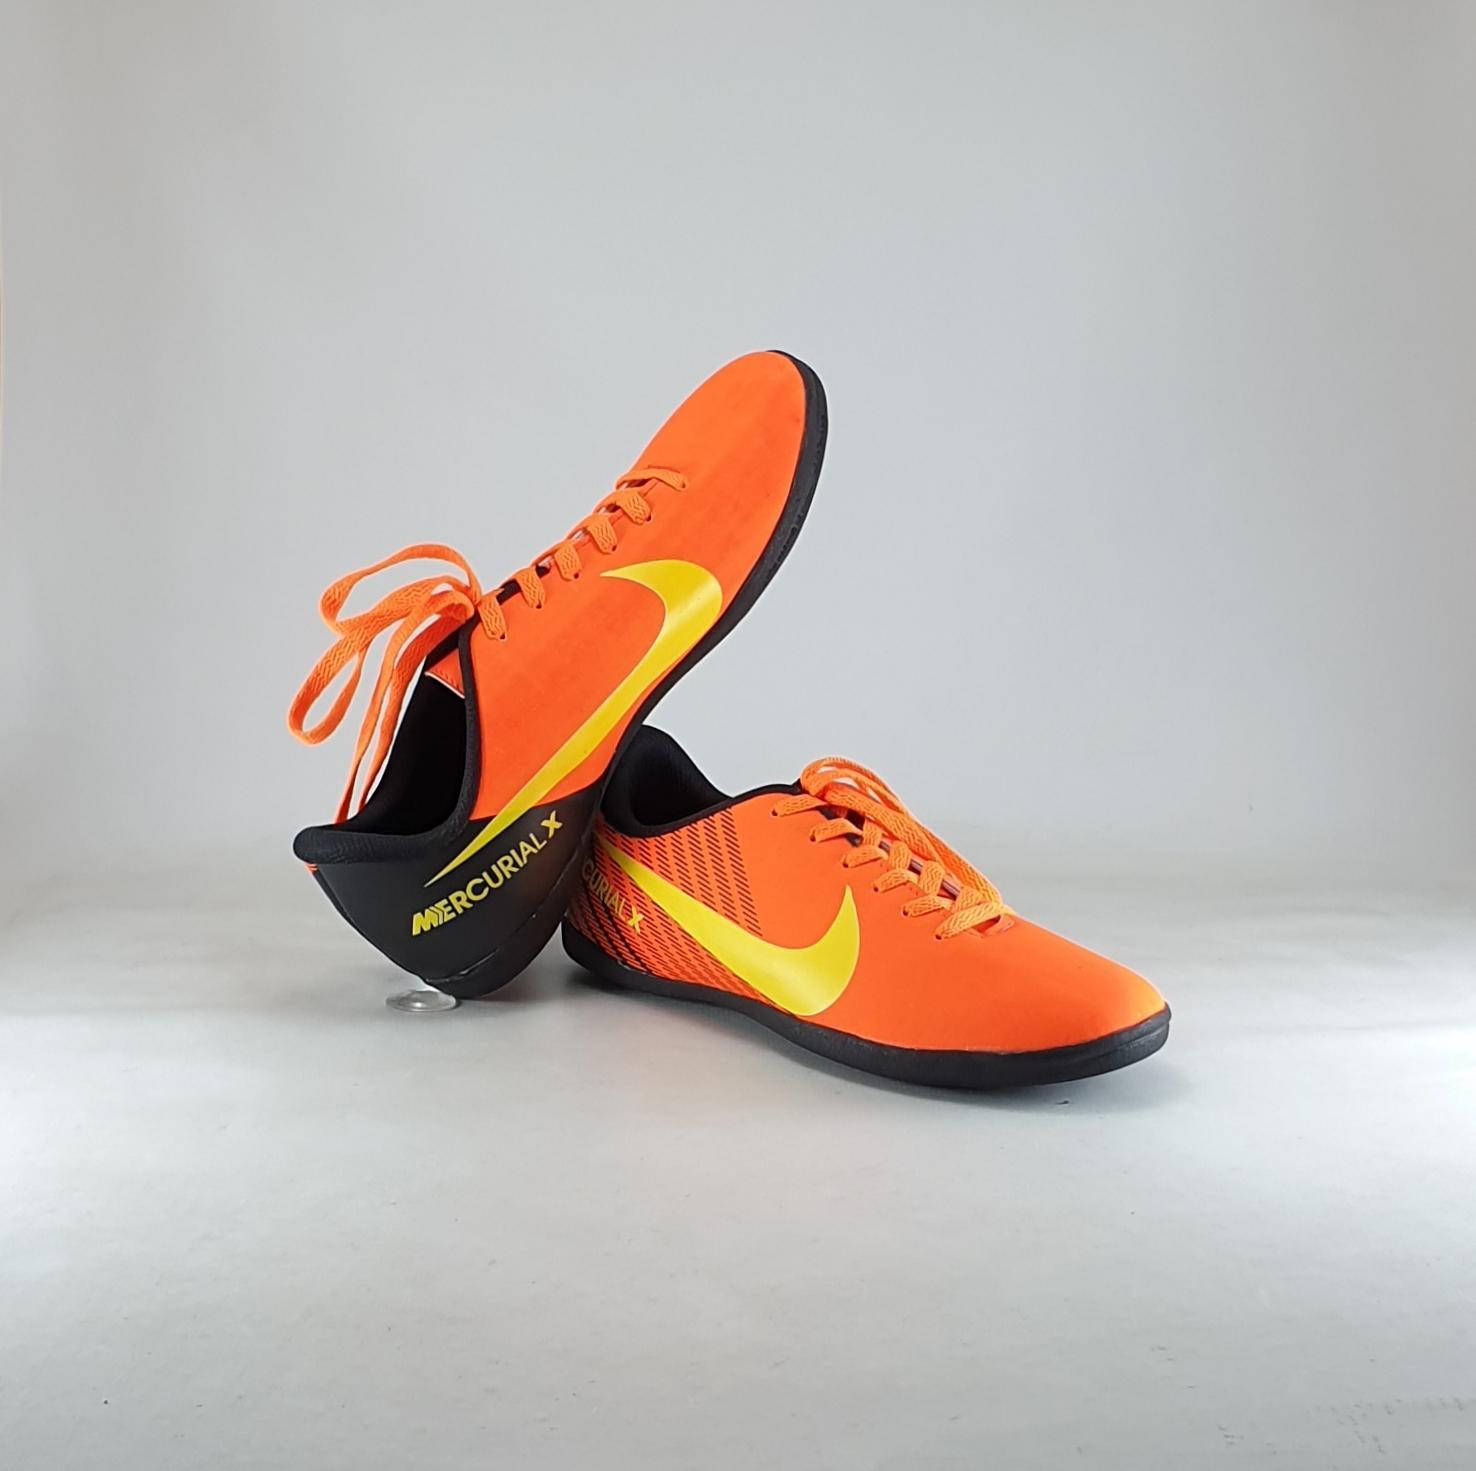 Sepatu Futsal Dewasa Free Tasdekkerkaos Kaki - Gallery 4k Wallpapers 55438485e5